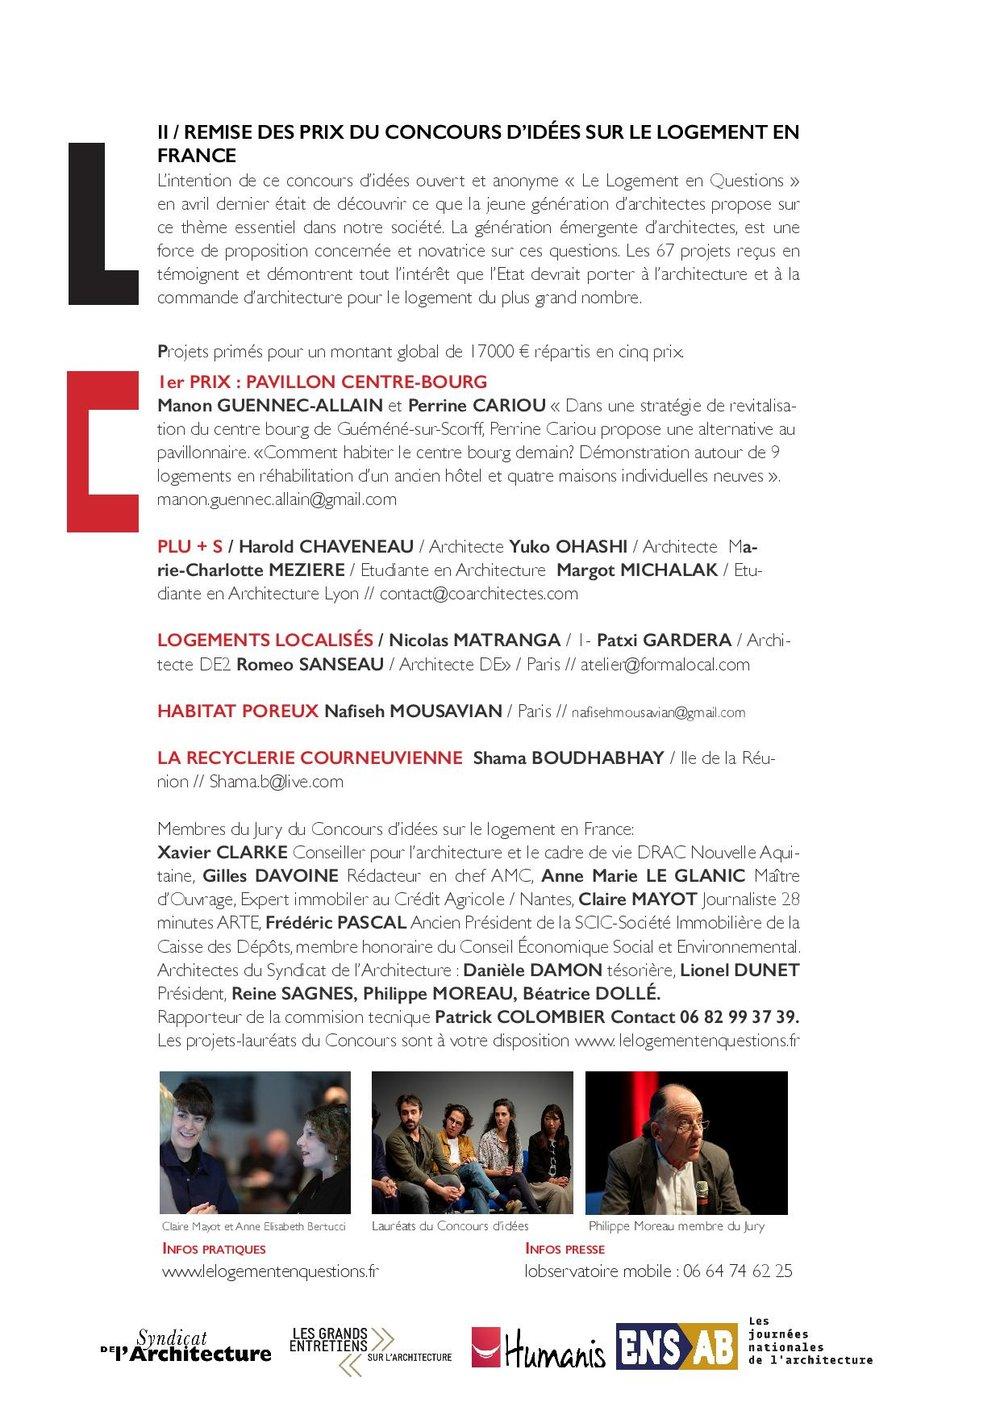 Communiqué LES GRANDS ENTRETIENS # 3-page-002.jpg